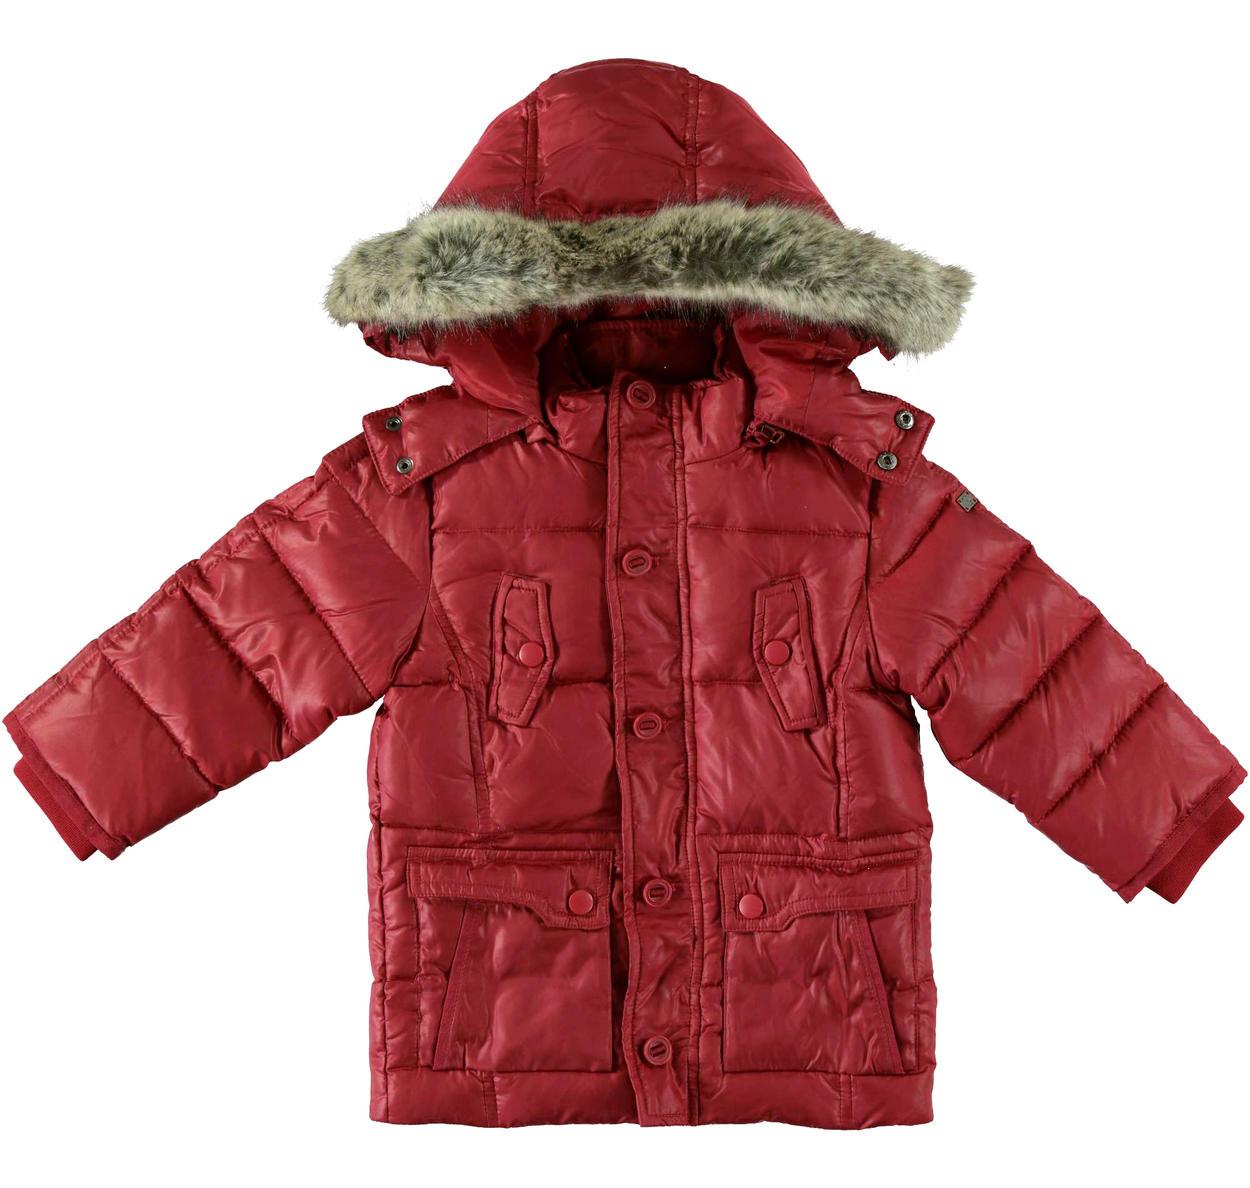 huge discount 2a43e 211a4 Piumino in vera piuma d'oca con cappuccio e pelliccia per bambino da 6 mesi  a 7 anni Sarabanda